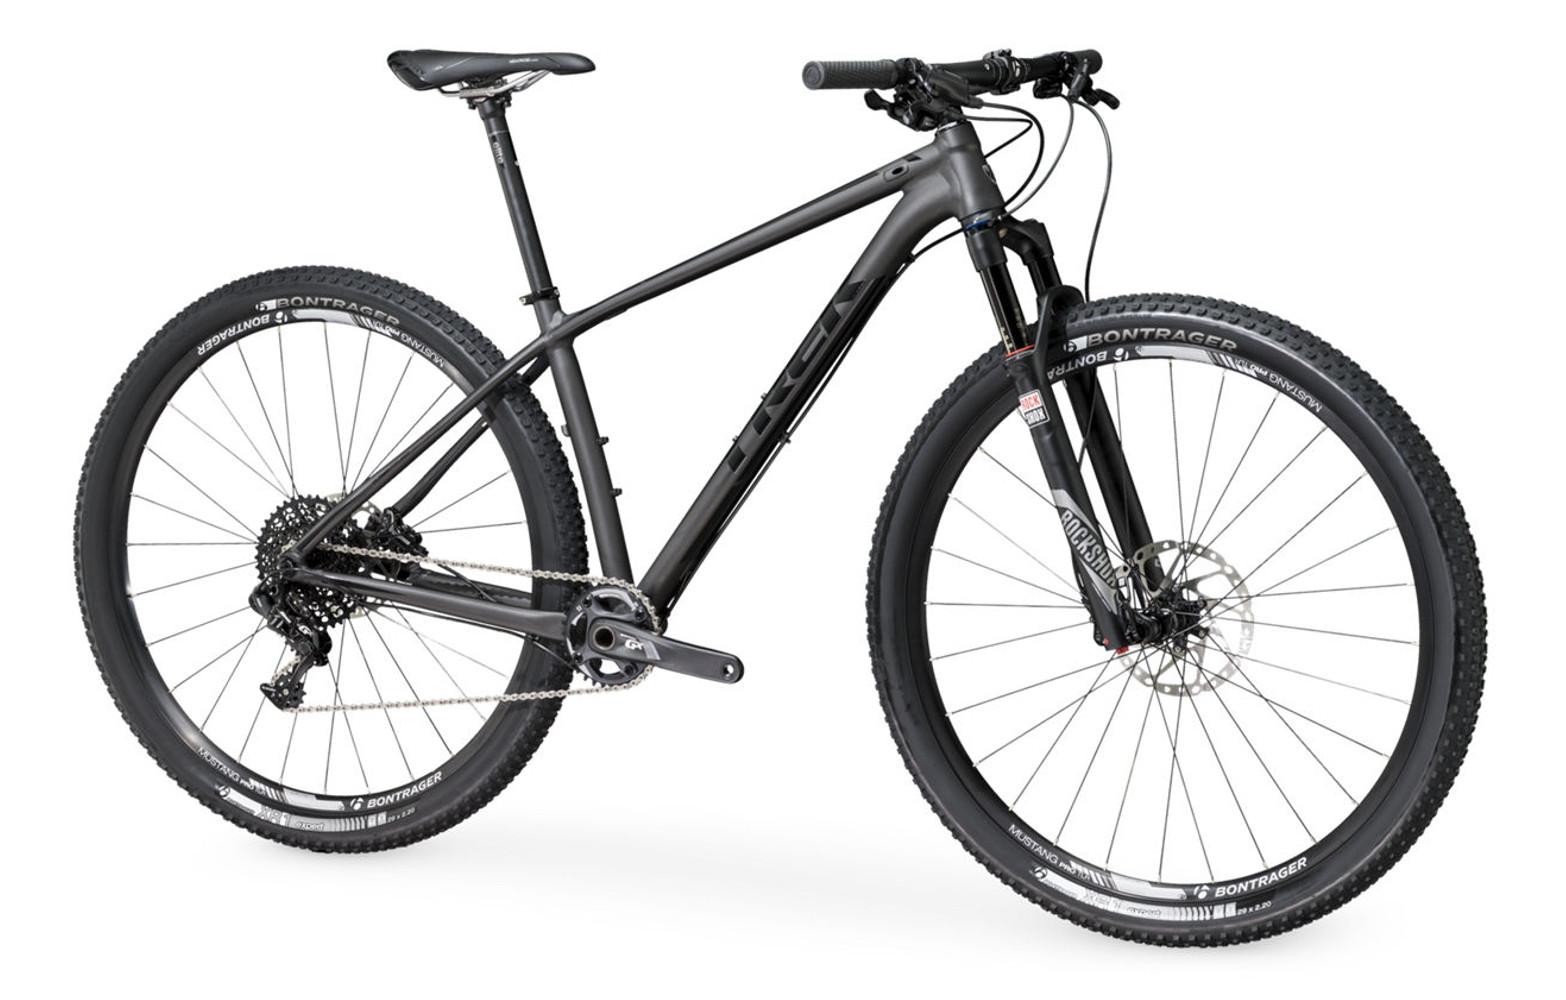 trek superfly 8 hardtail bike black 2016. Black Bedroom Furniture Sets. Home Design Ideas